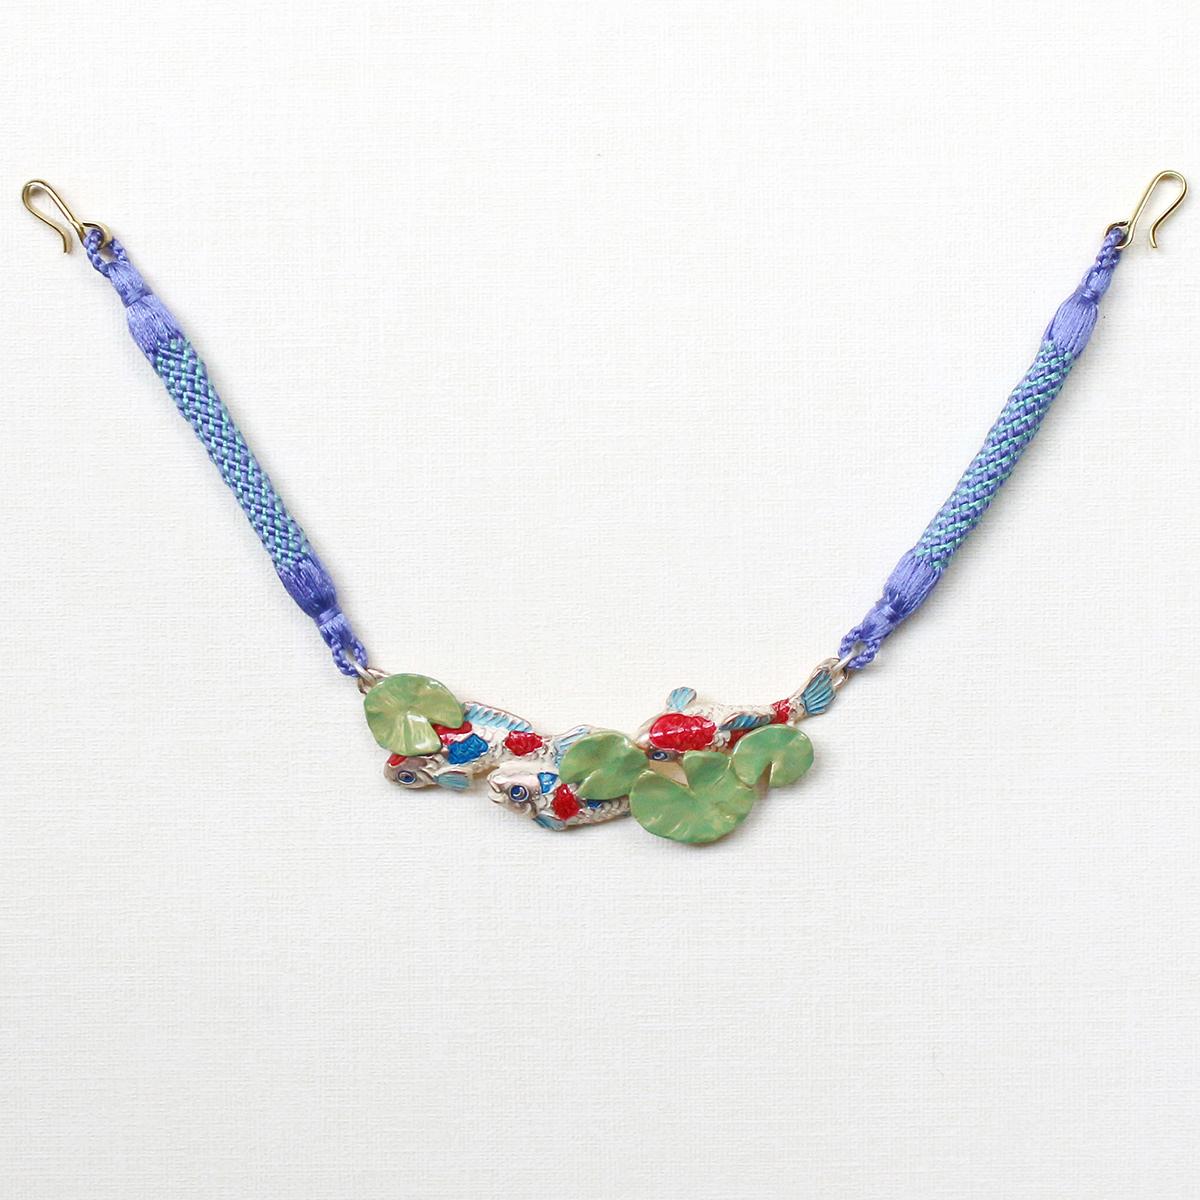 【8月誕生色モチーフ】印象派の池の羽織紐 / 羽織紐※専用豪華ボックス入り